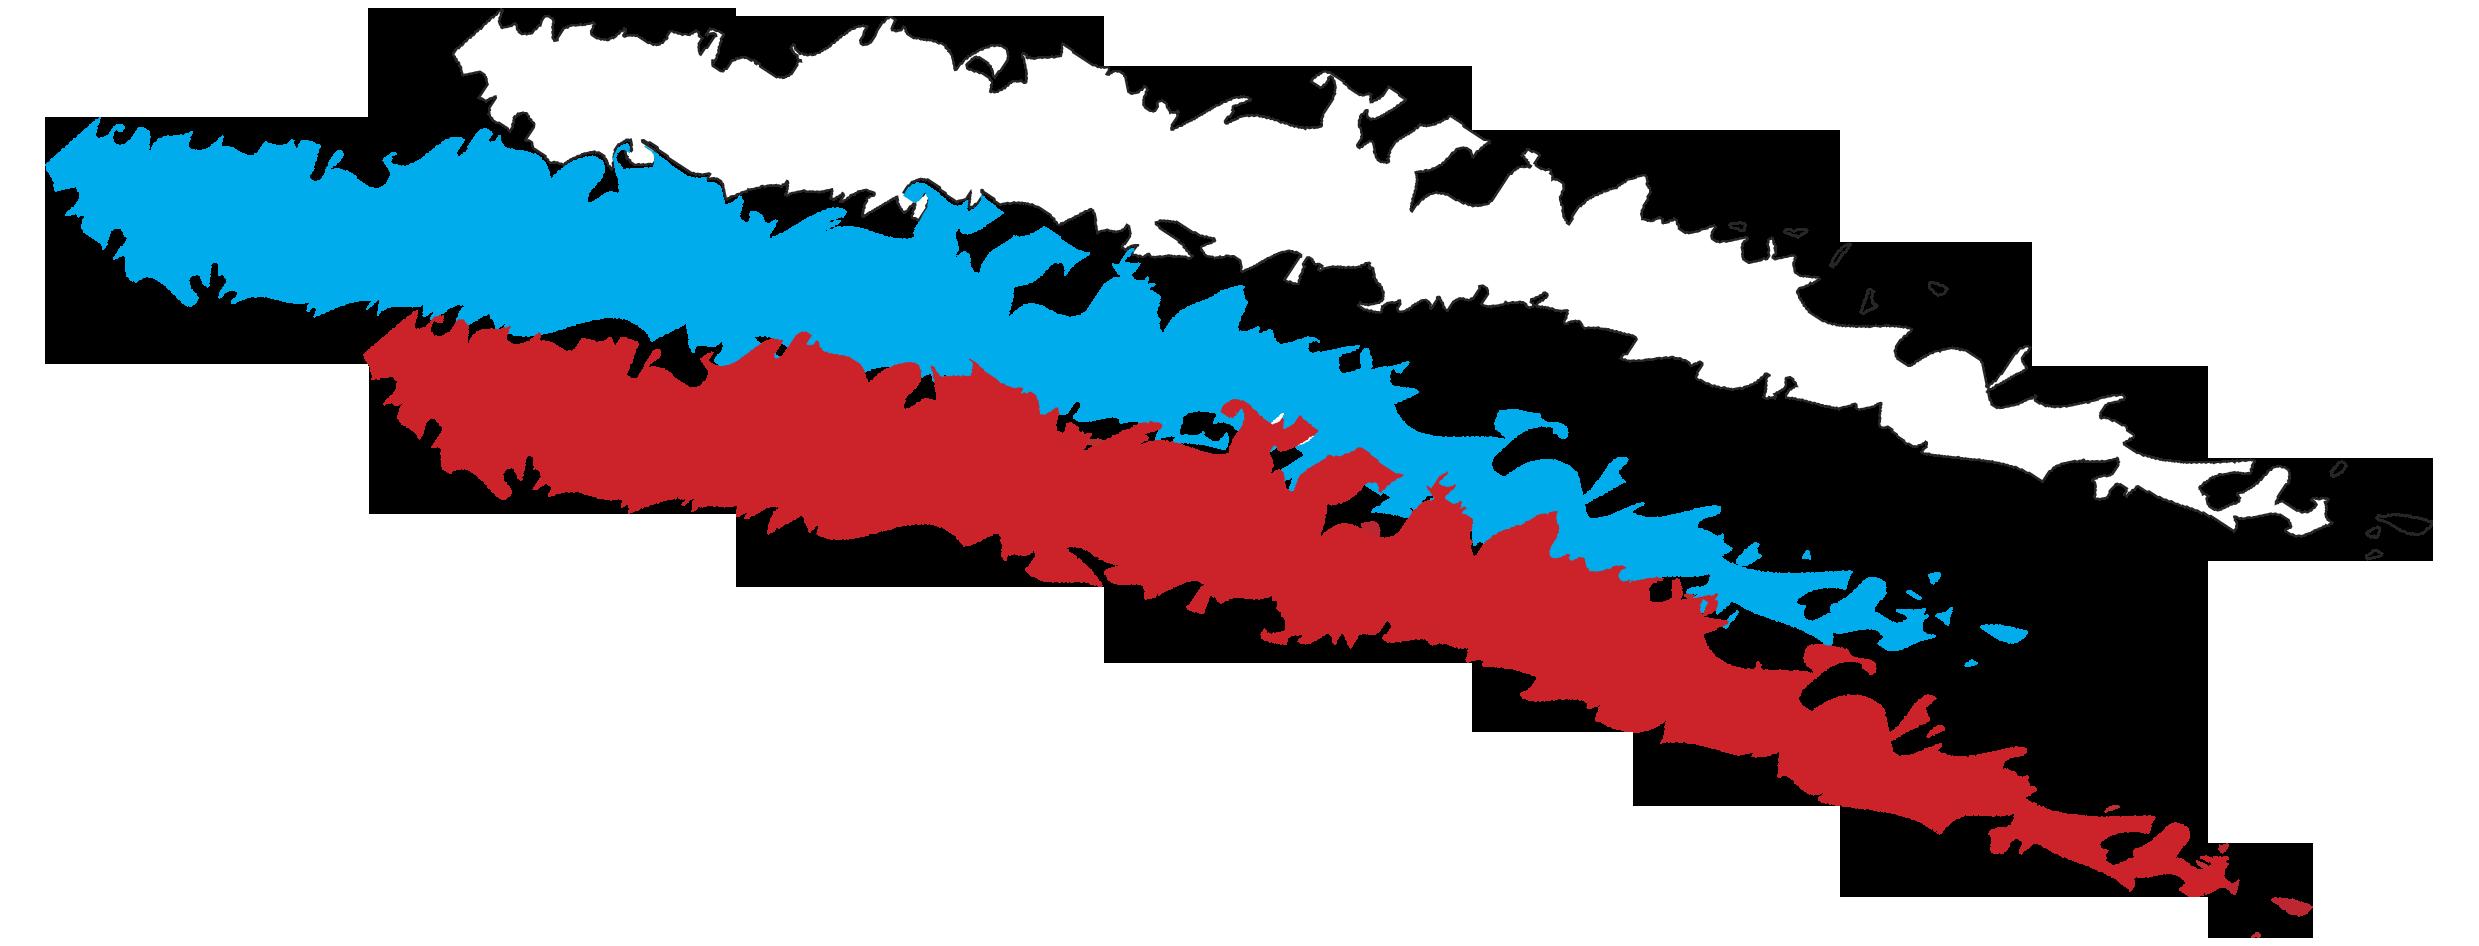 Российский флаг картинки